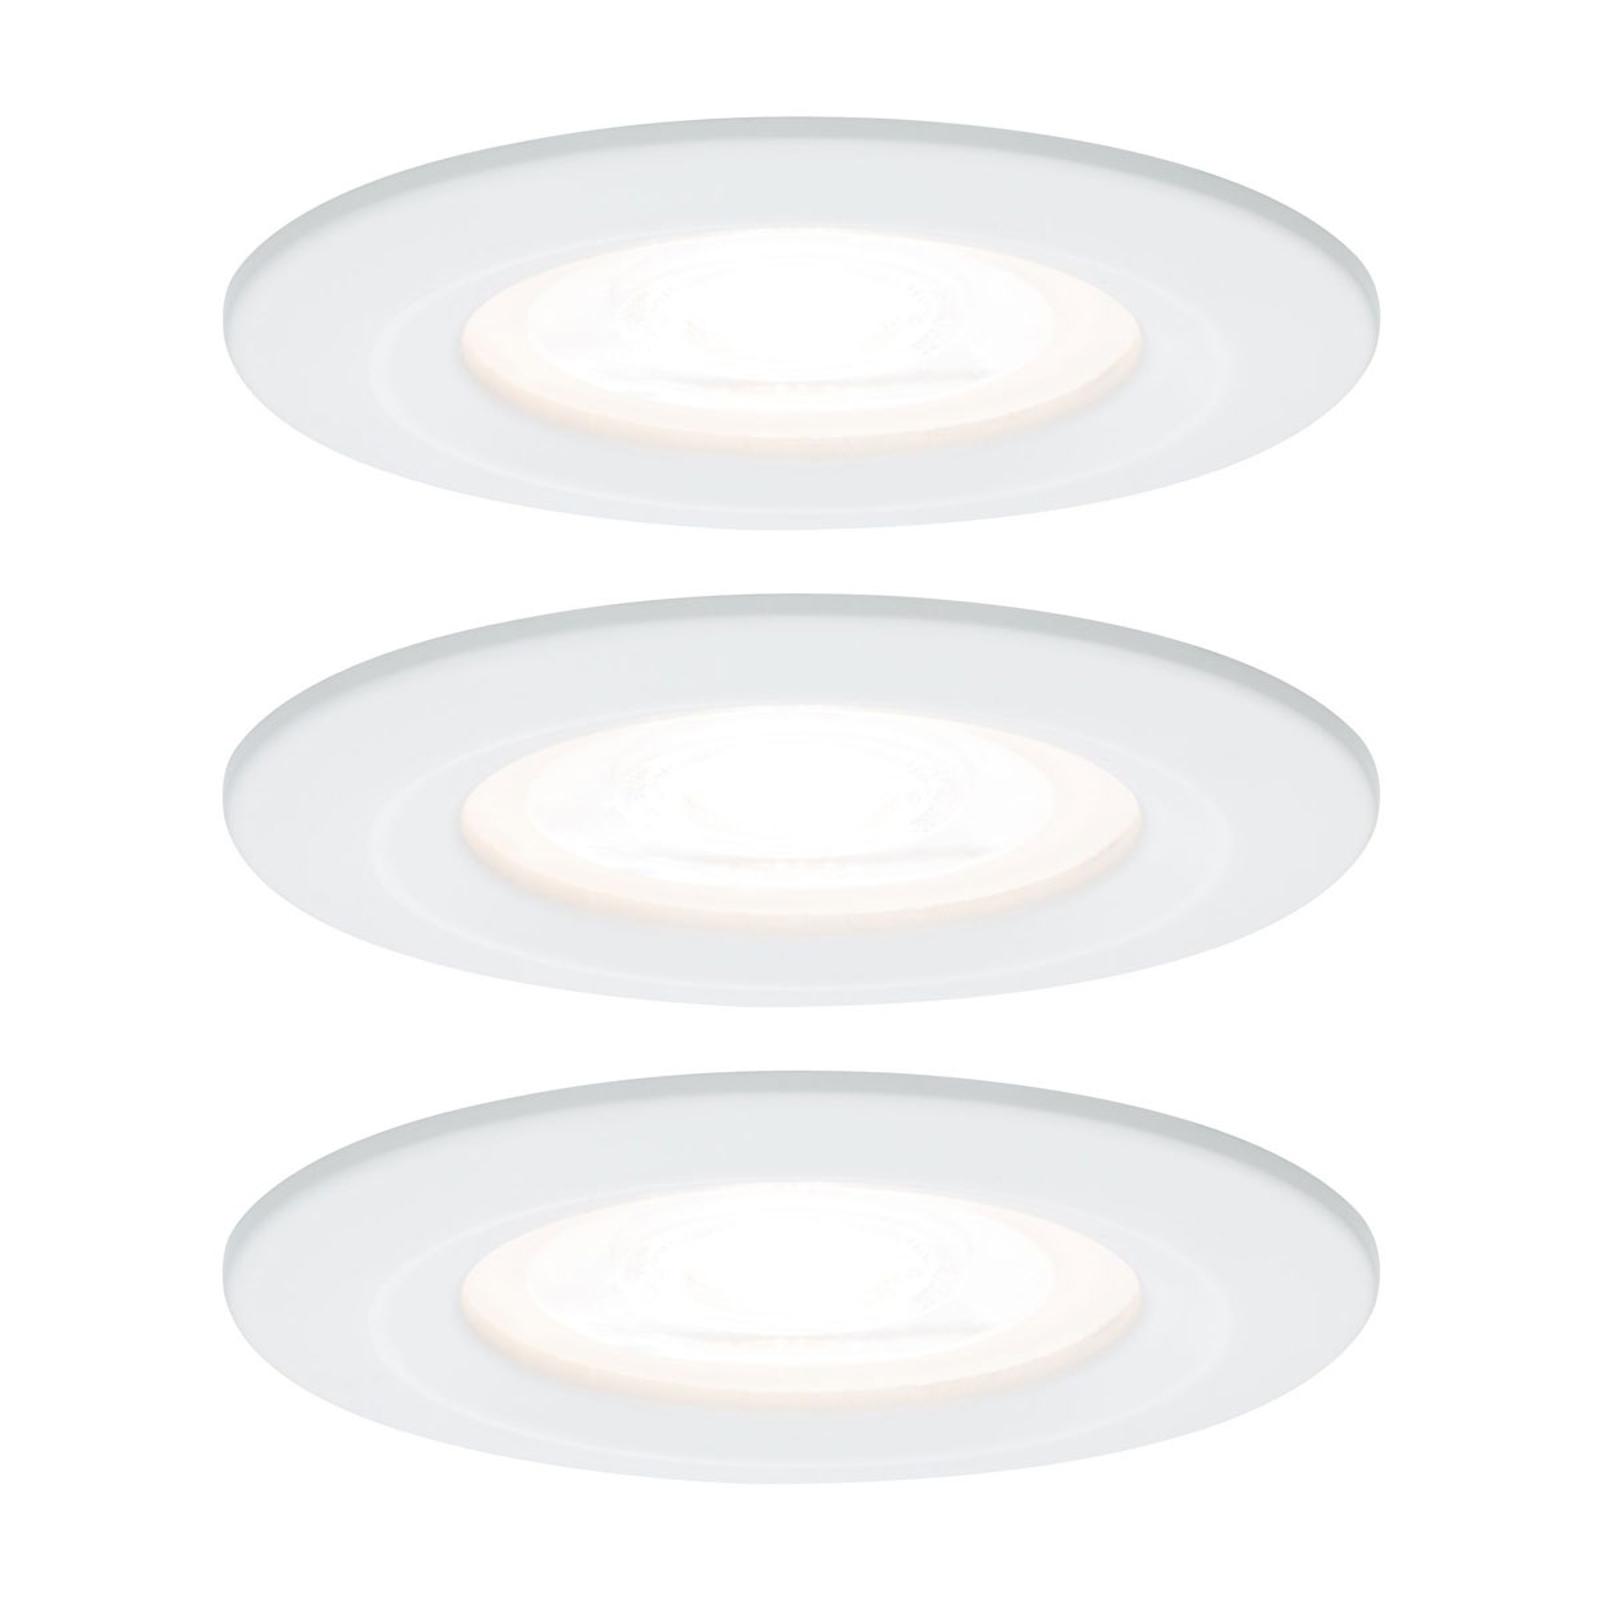 Paulmann 3p LED-spot Nova rund, IP44, dimbar, hvit